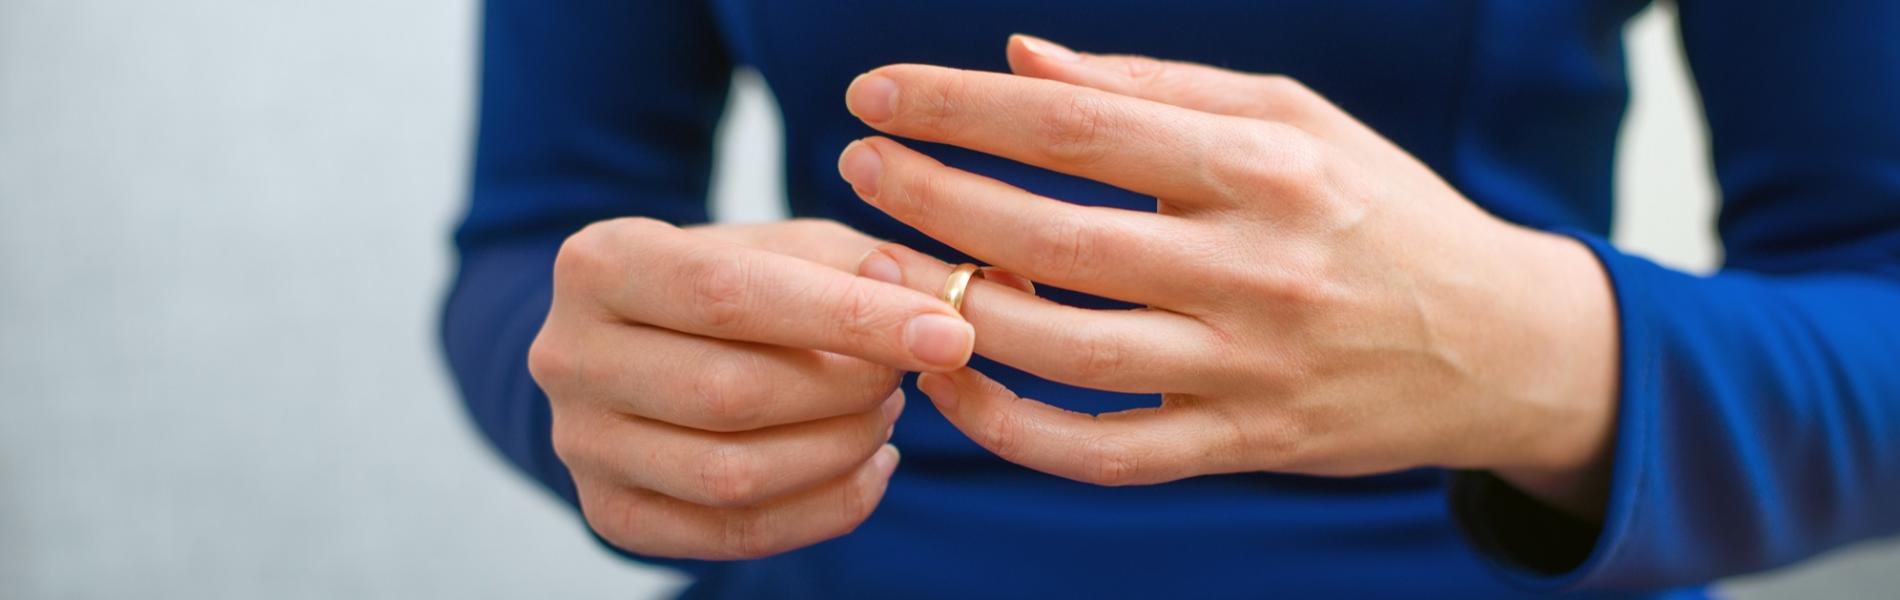 אנונימים מספרים: טיפול לא עזר לזוגיות שלנו, הוא הרס אותה